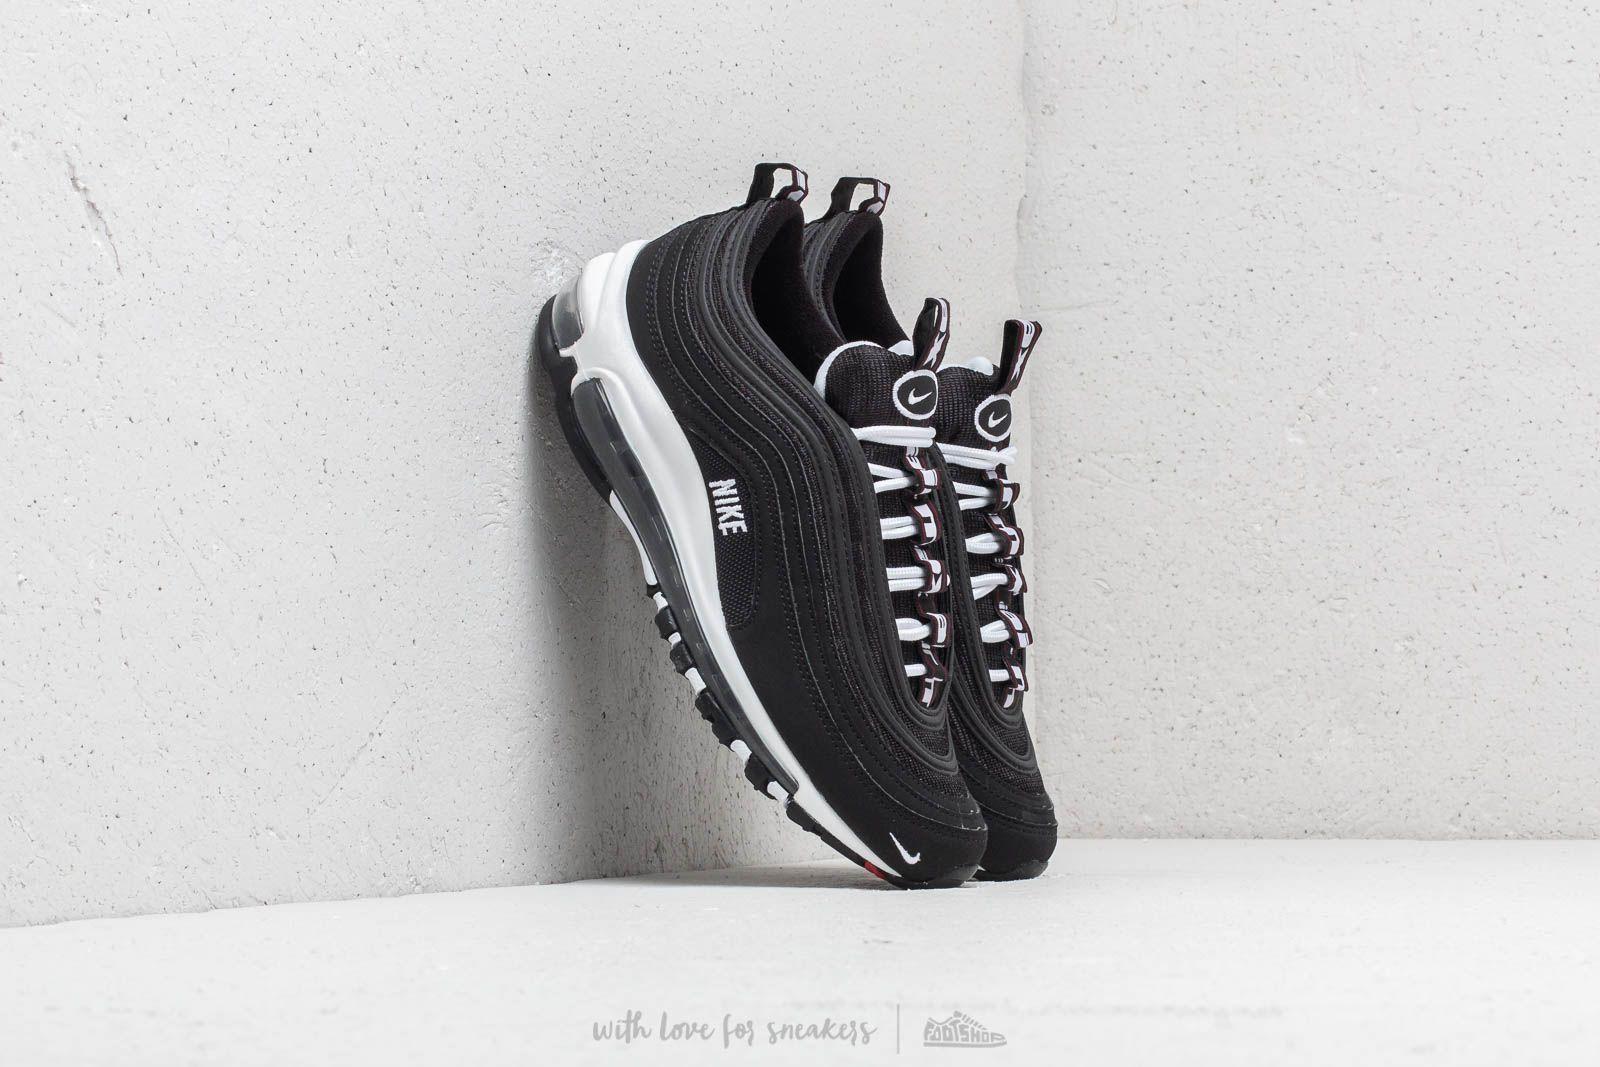 huge discount 53611 1d05c Nike Air Max 97 SE (GS) Black White-Varsity Red la un